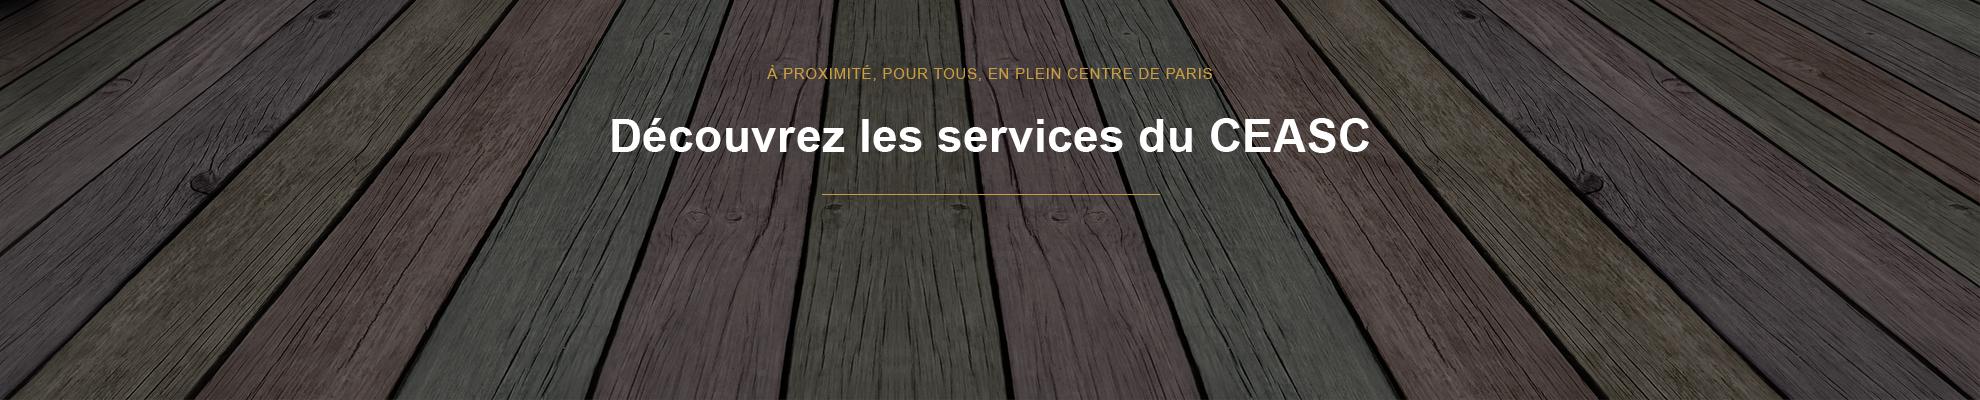 Présentation des services du CEASC